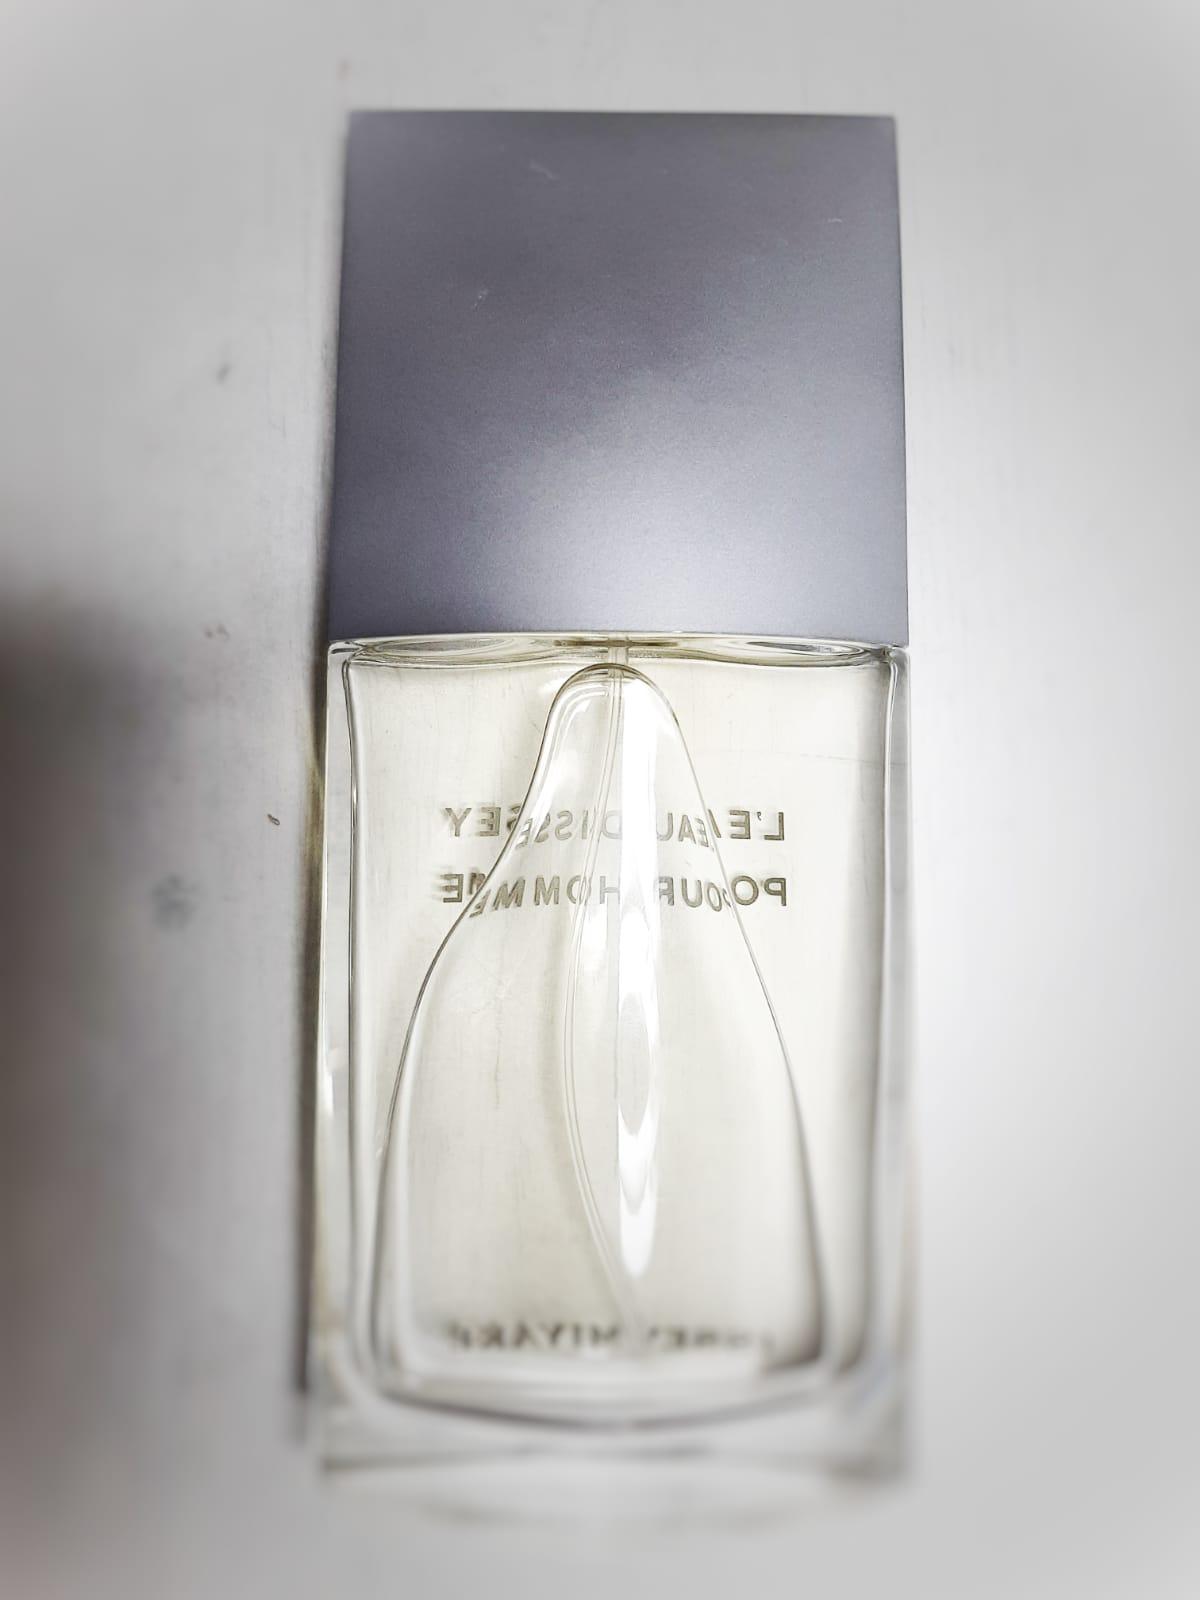 imagen de un envase de perfume con exceso de plástico